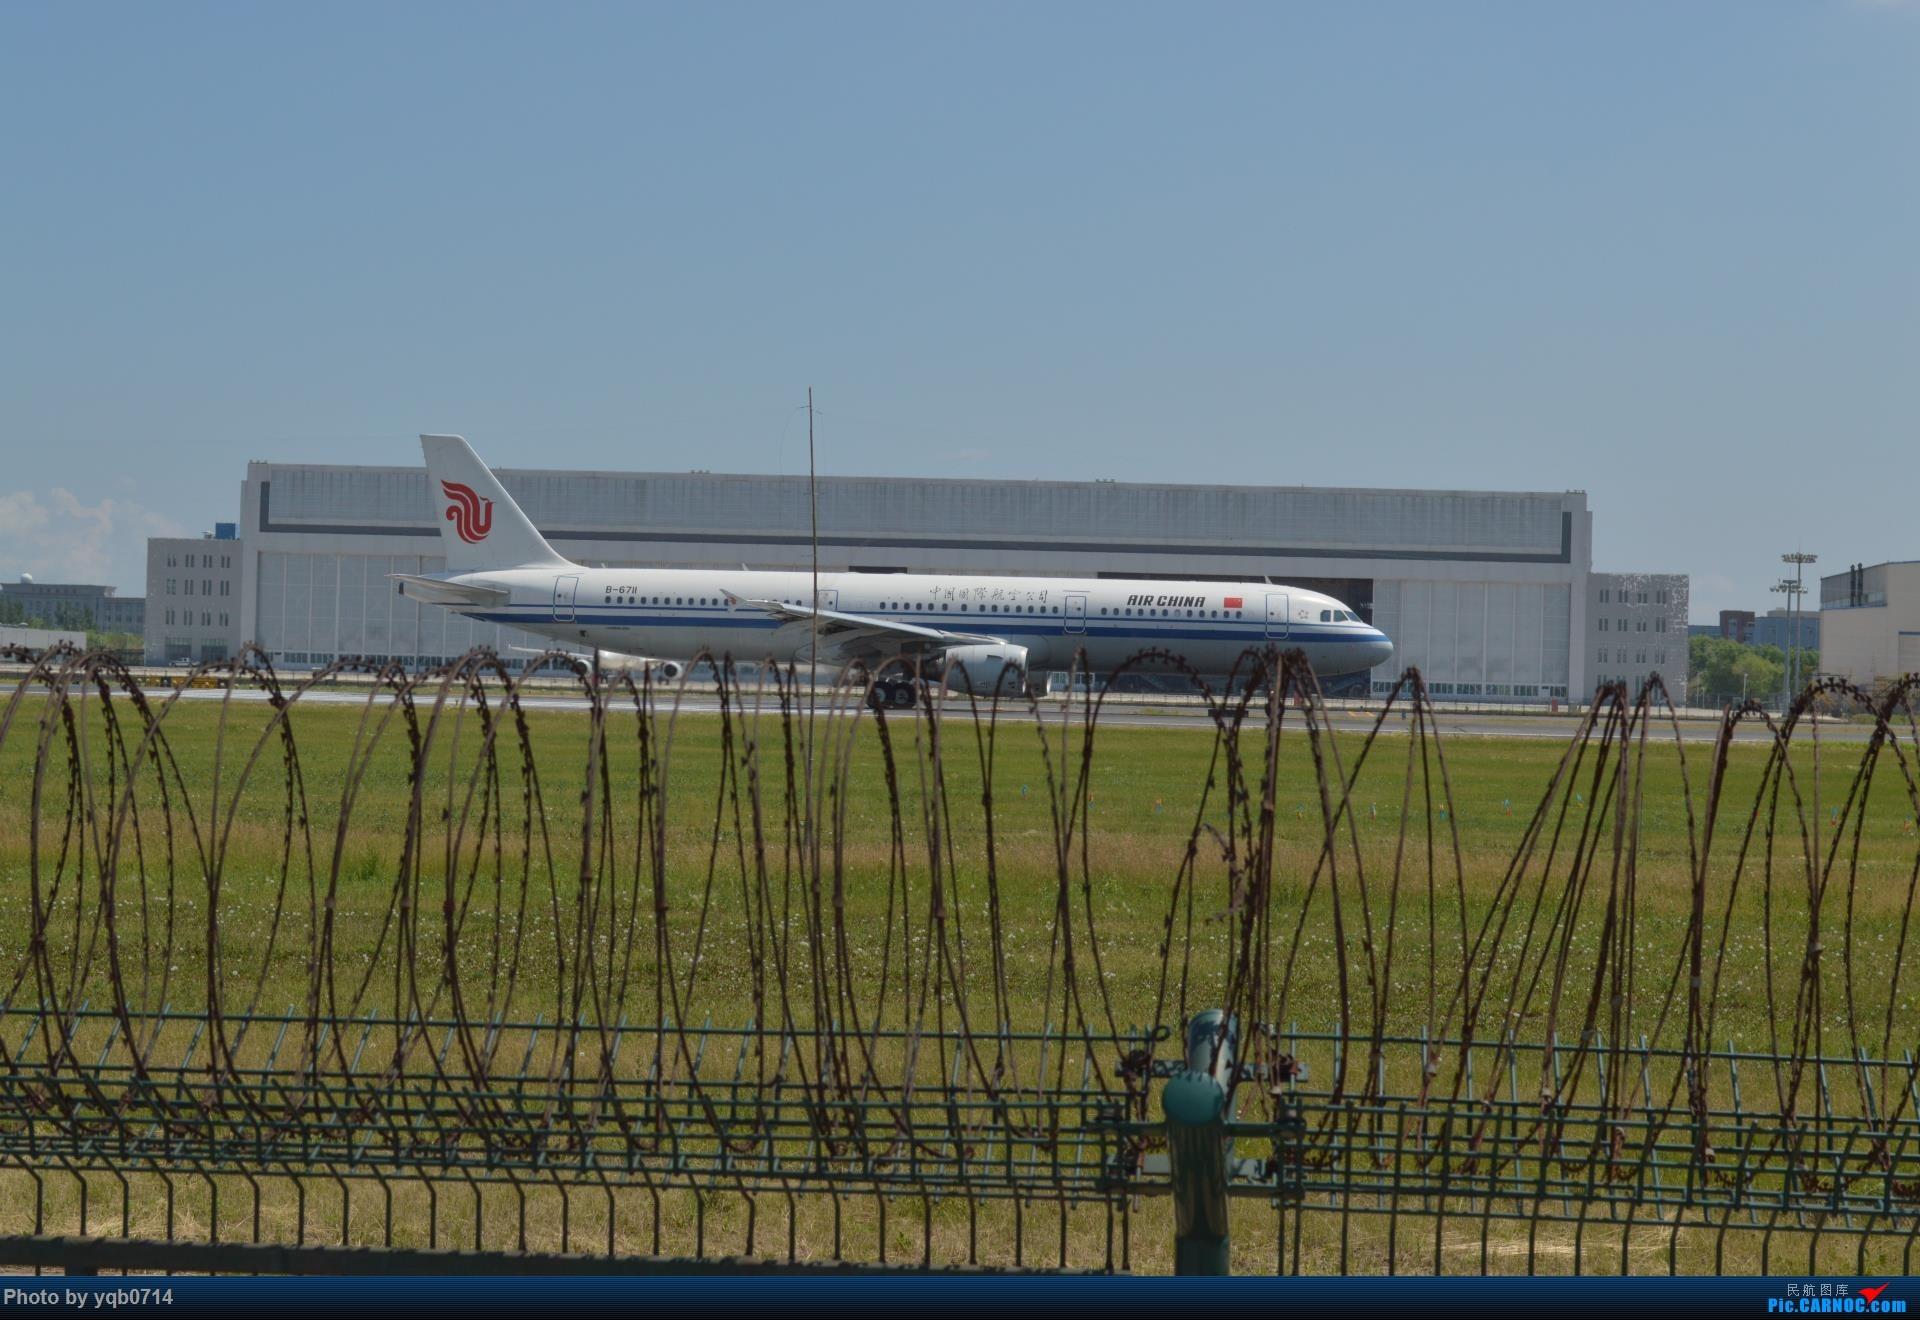 Re:[原创]出来炸道,喜欢星空联盟的小反!!!! AIRBUS A321-200 B-6711 沈阳桃仙